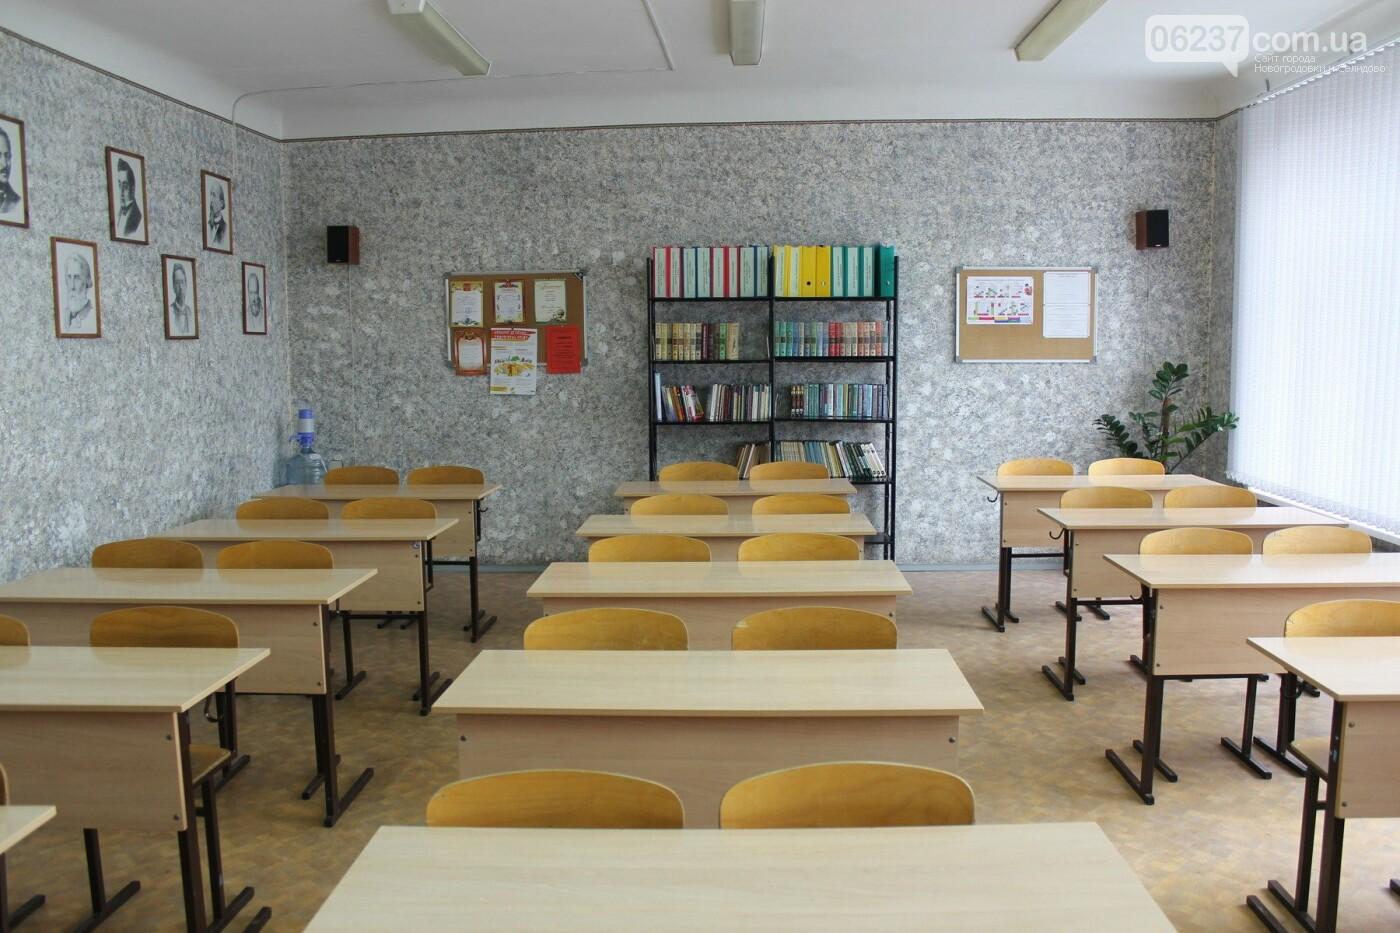 В школе Днепра во время урока умерла учительница, фото-1